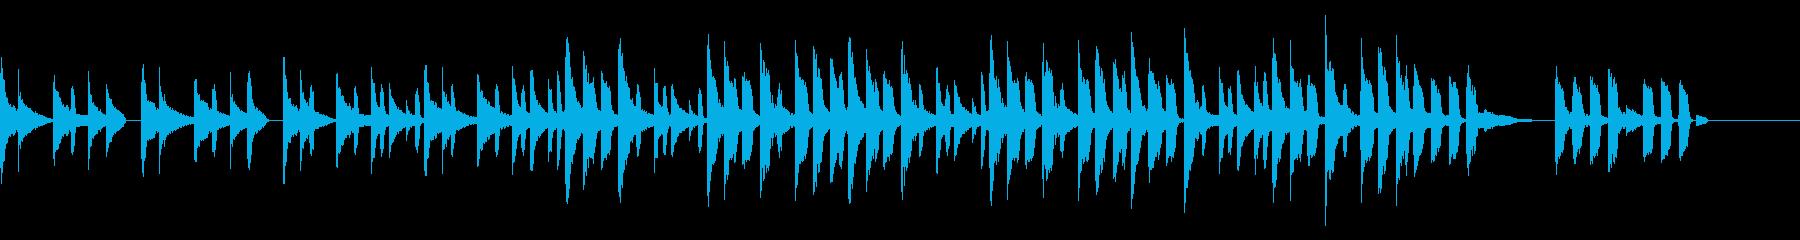 ほのぼのとしたコミカルな曲の再生済みの波形